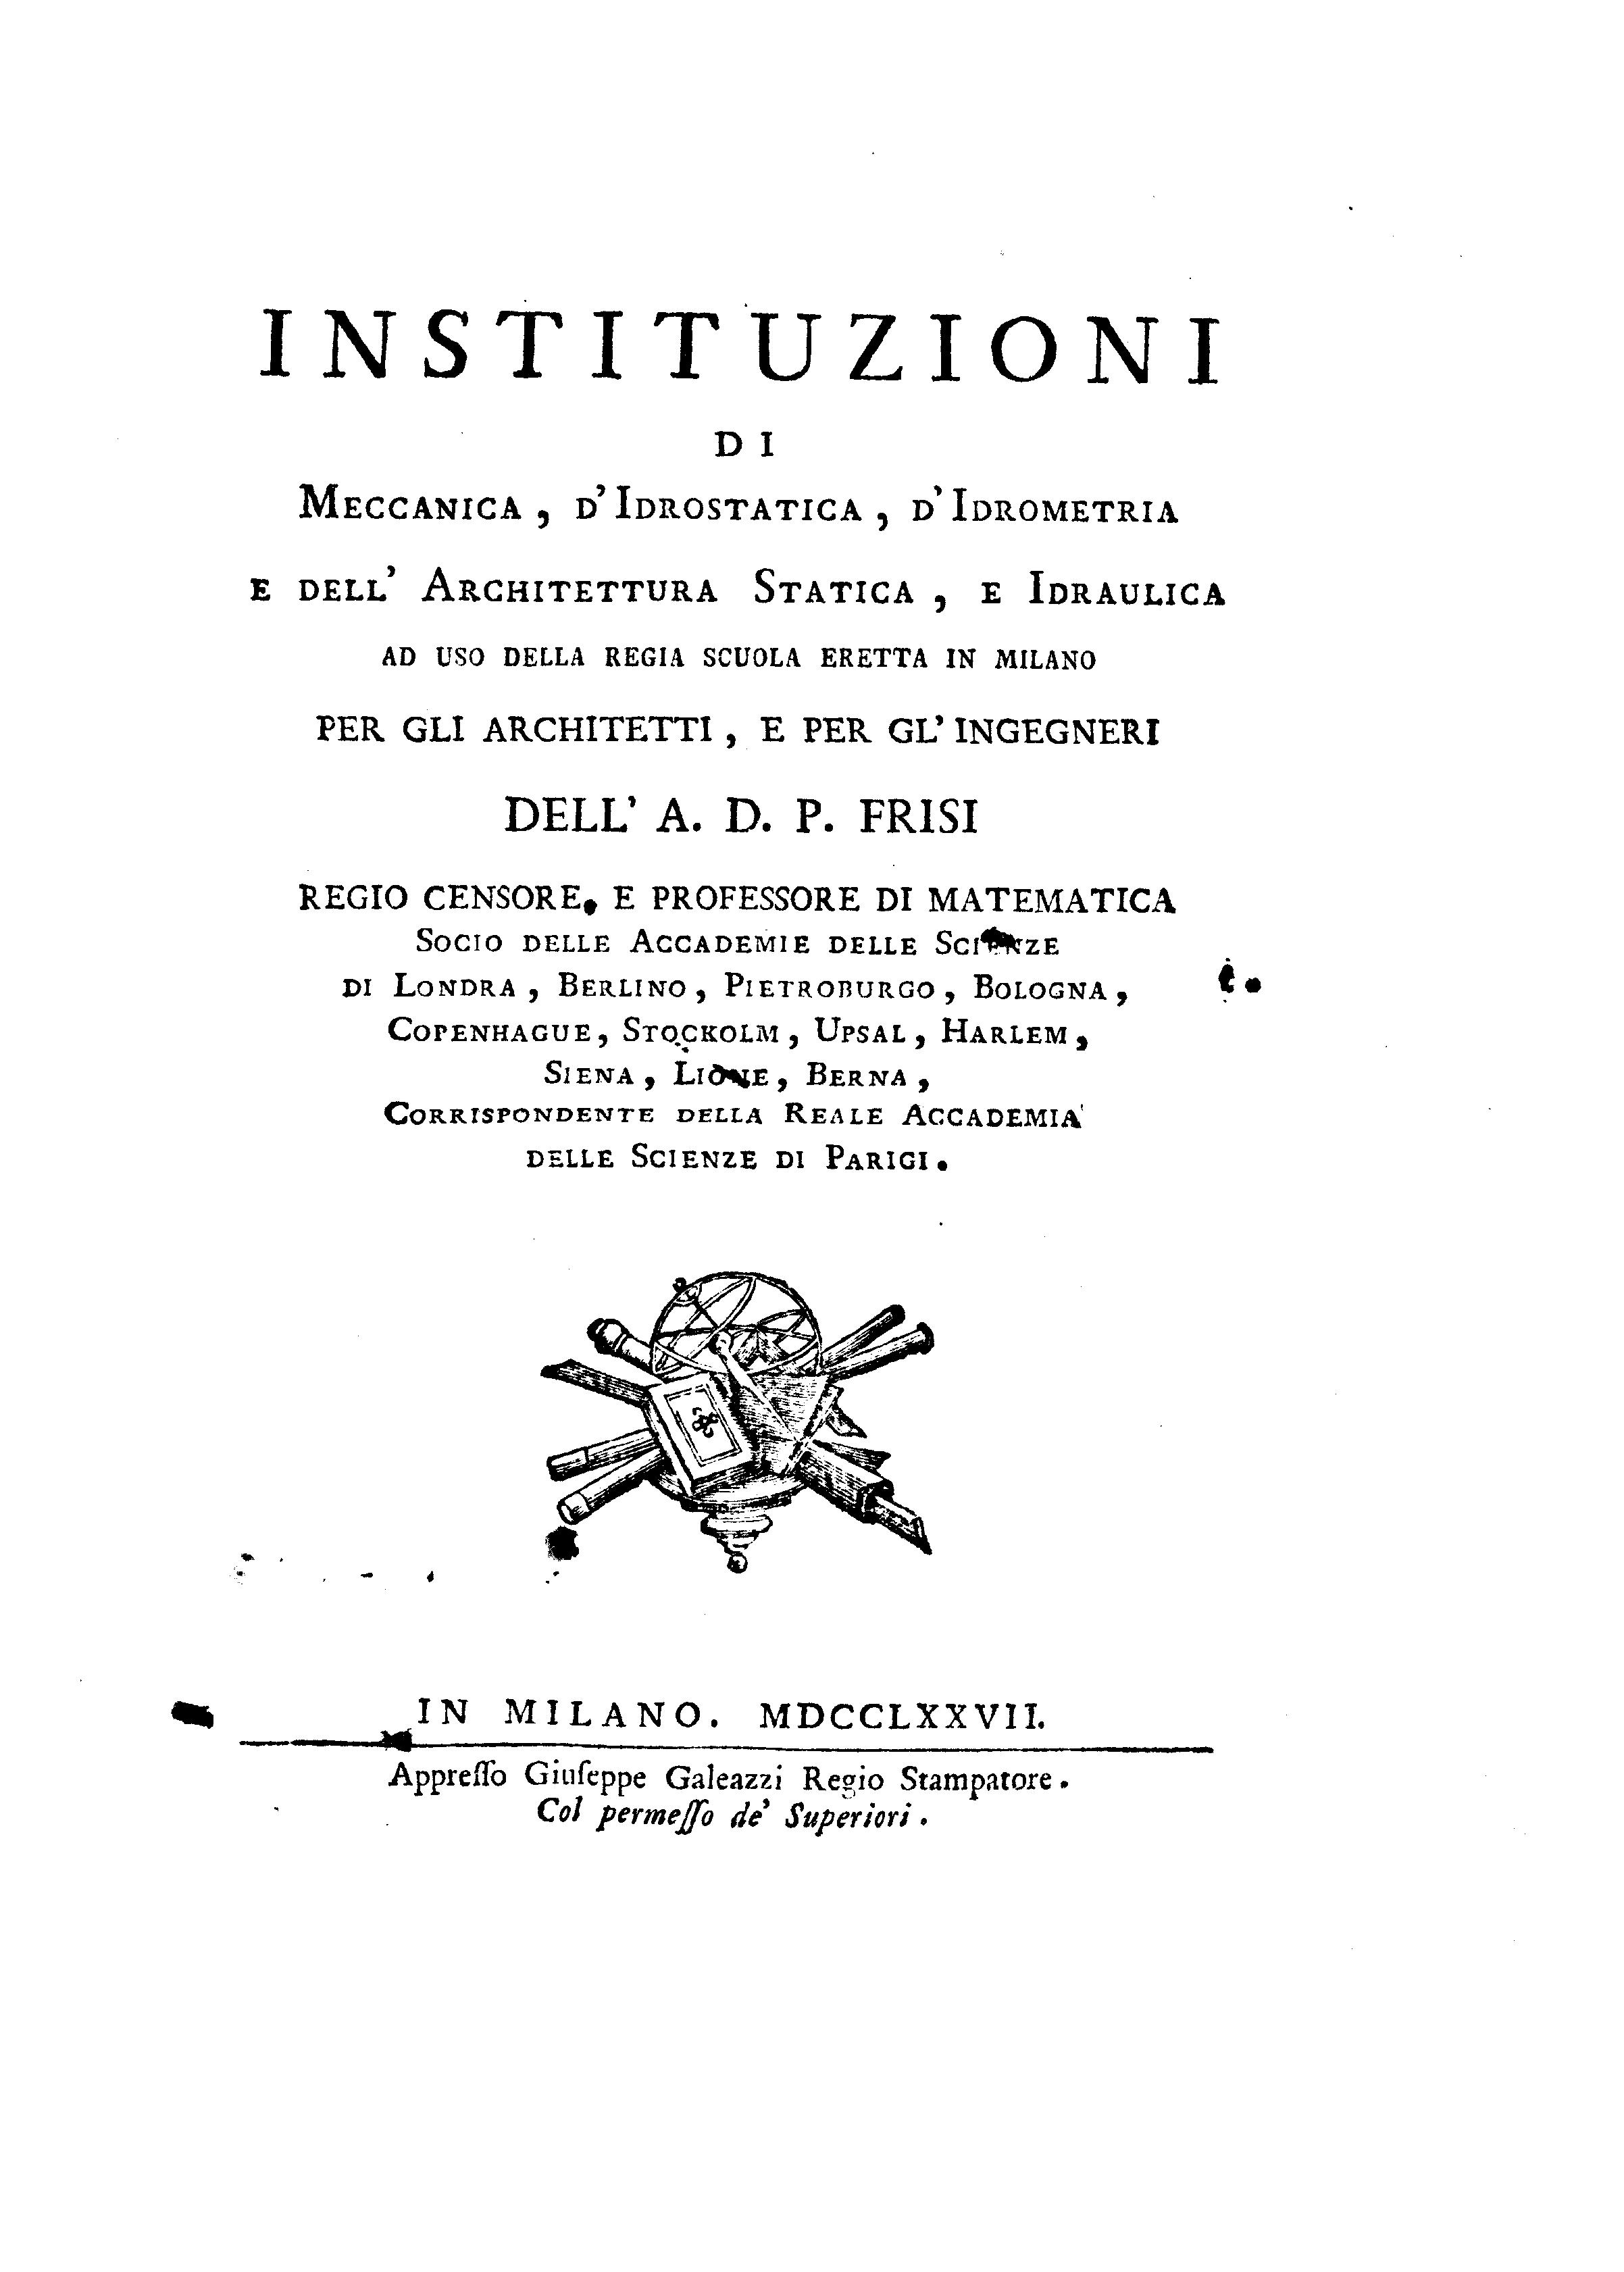 Ad P Architetti fil:frisi - instituzioni di meccanica, d'idrostatica, d